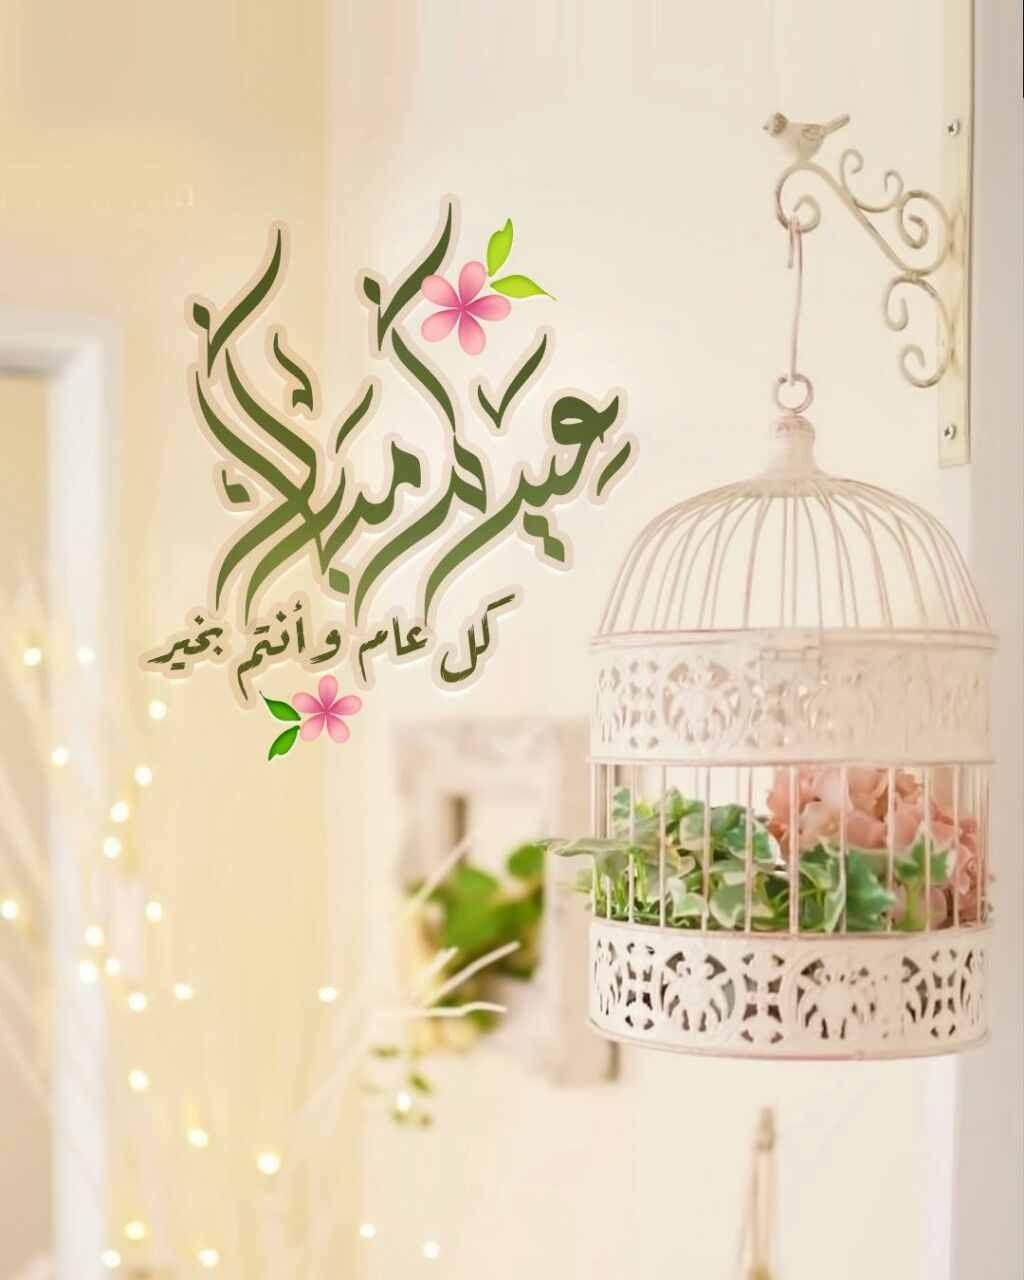 Pin By Smyia King On عيد Eid Eid Greetings Eid Images Eid Background